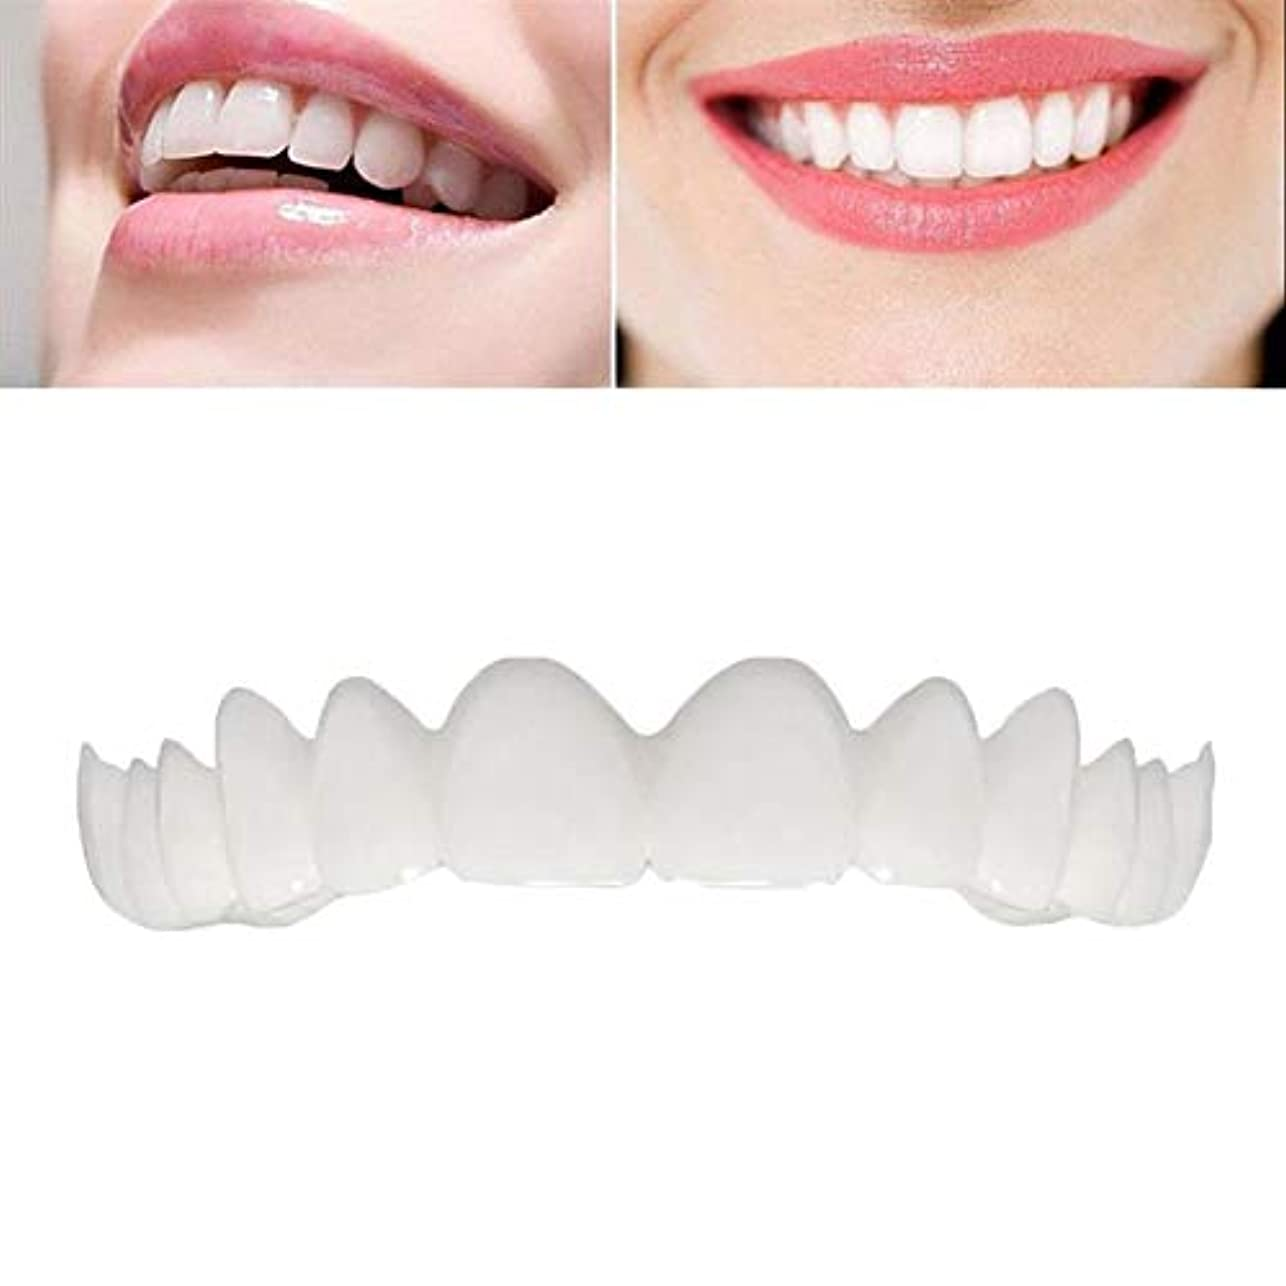 連続的意欲ターミナルインスタント快適で柔らかい完璧なベニヤの歯スナップキャップを白くする一時的な化粧品歯義歯歯の化粧品シミュレーション上袖/下括弧の3枚,Lowerteeth3pcs